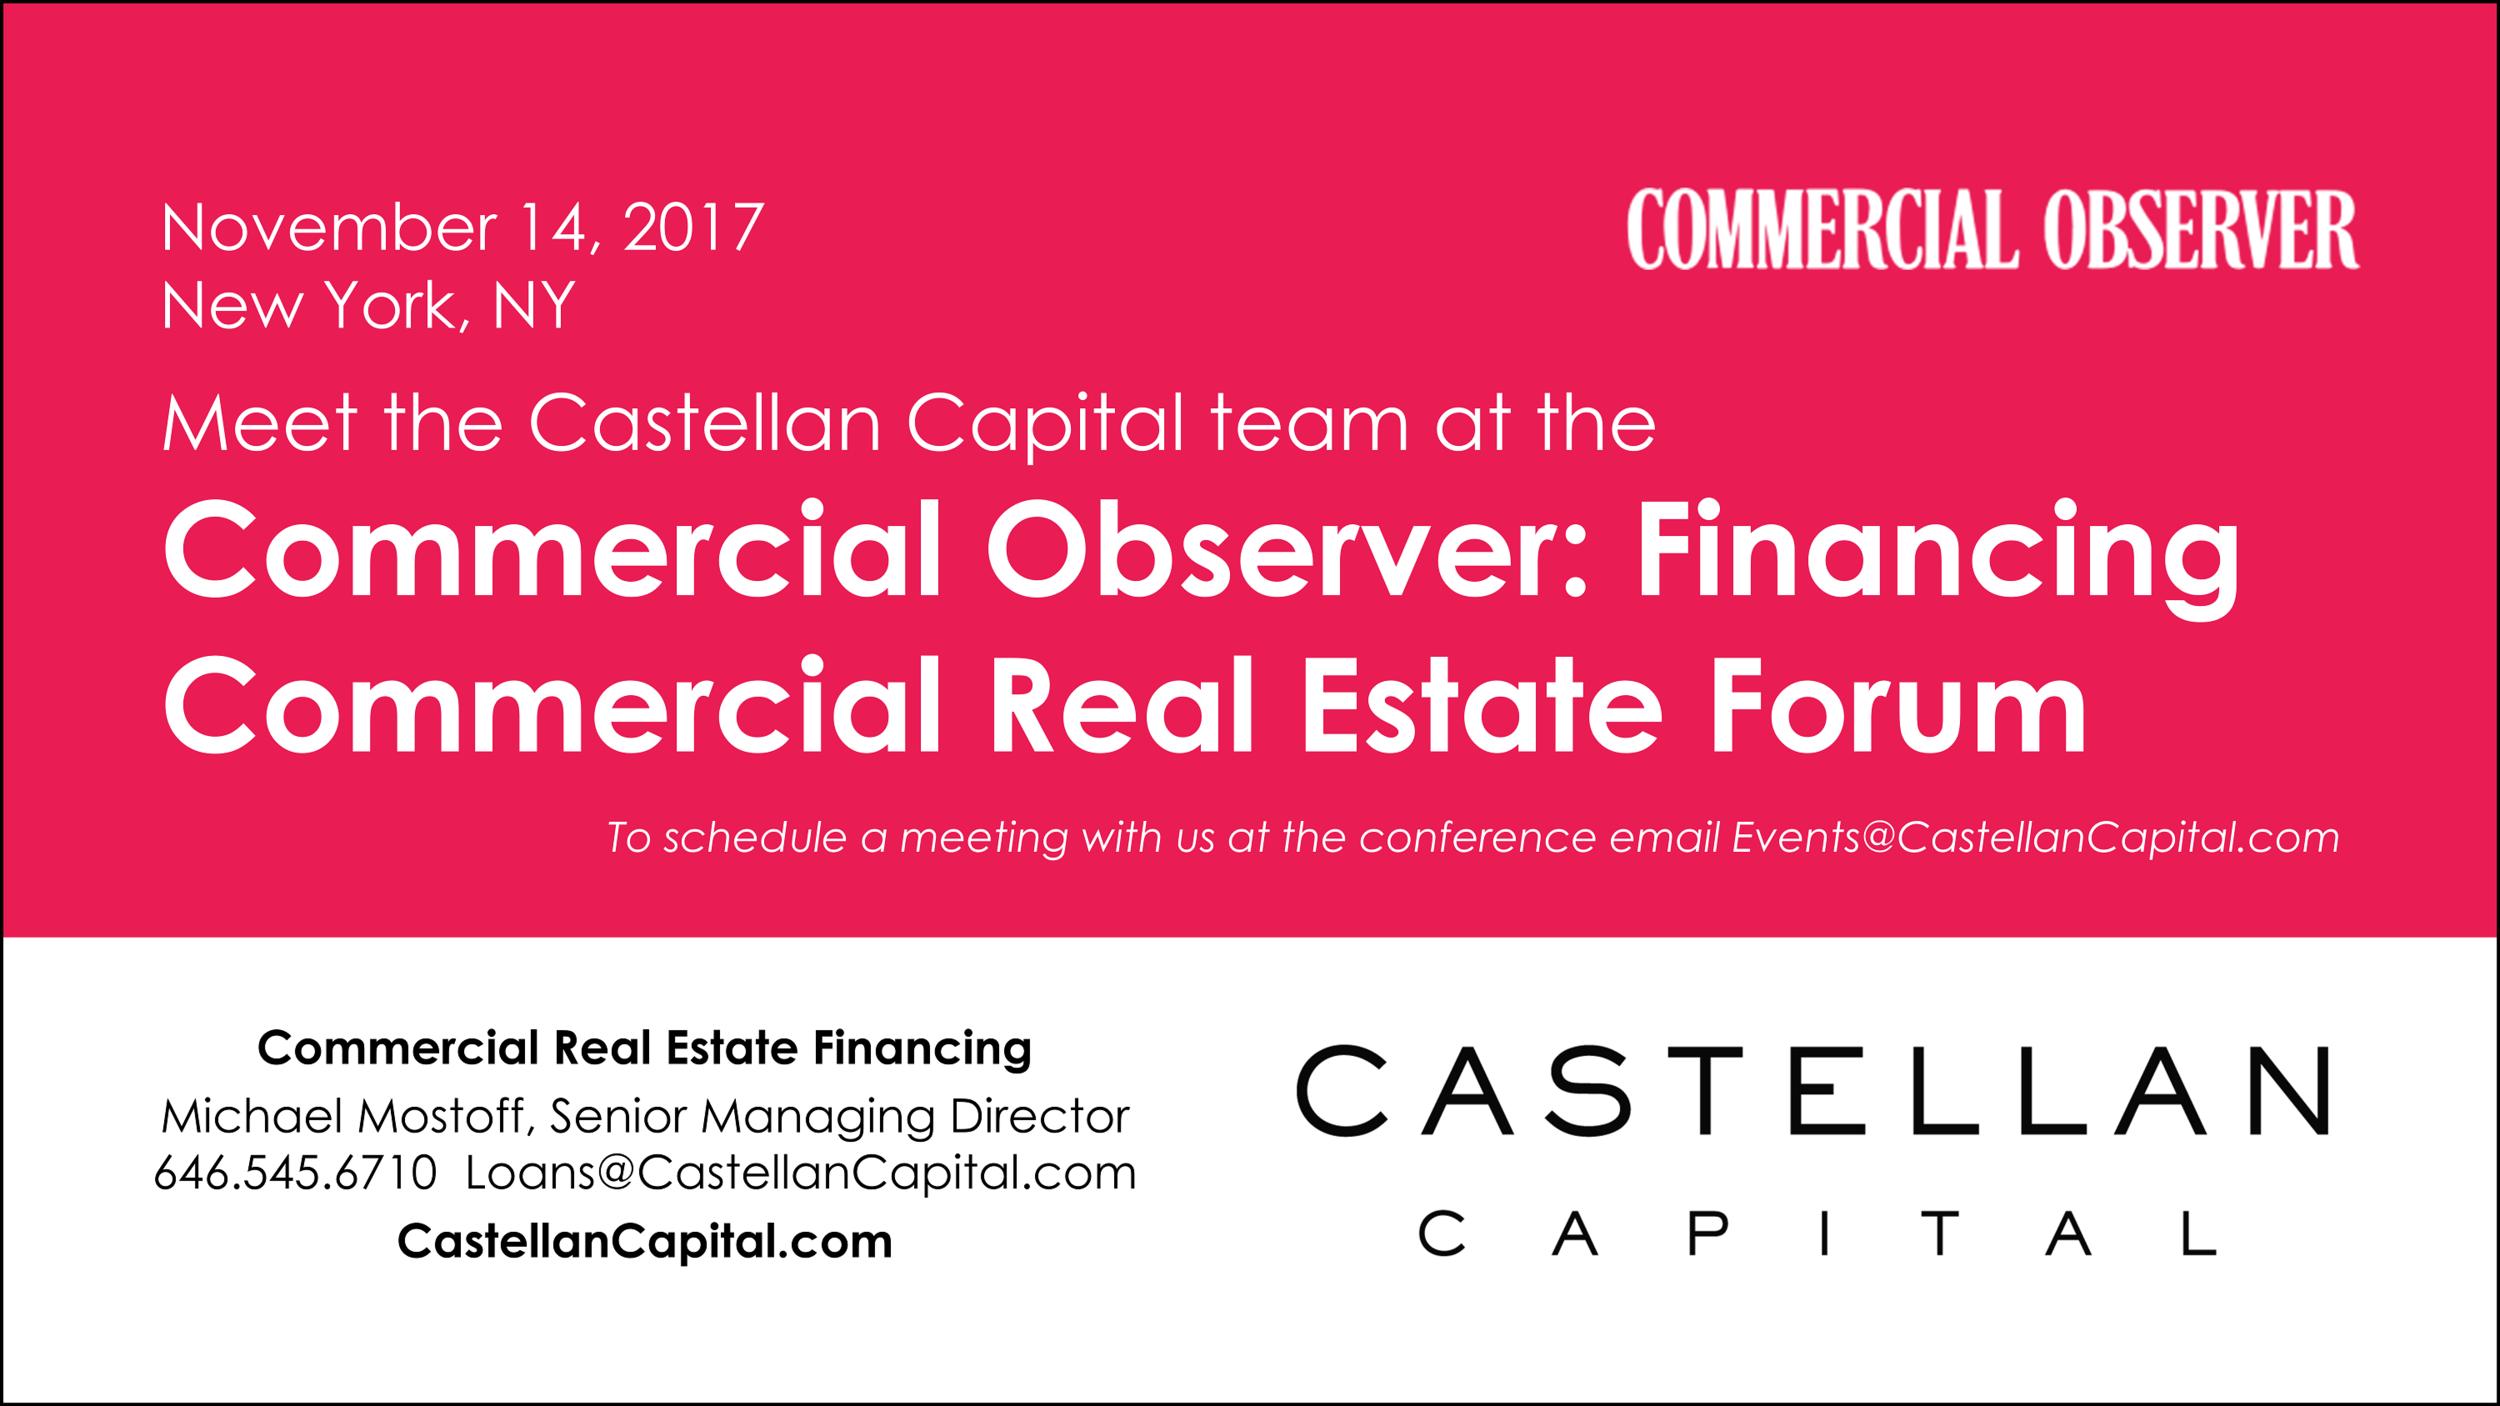 Commercial Observer Nov 14.png